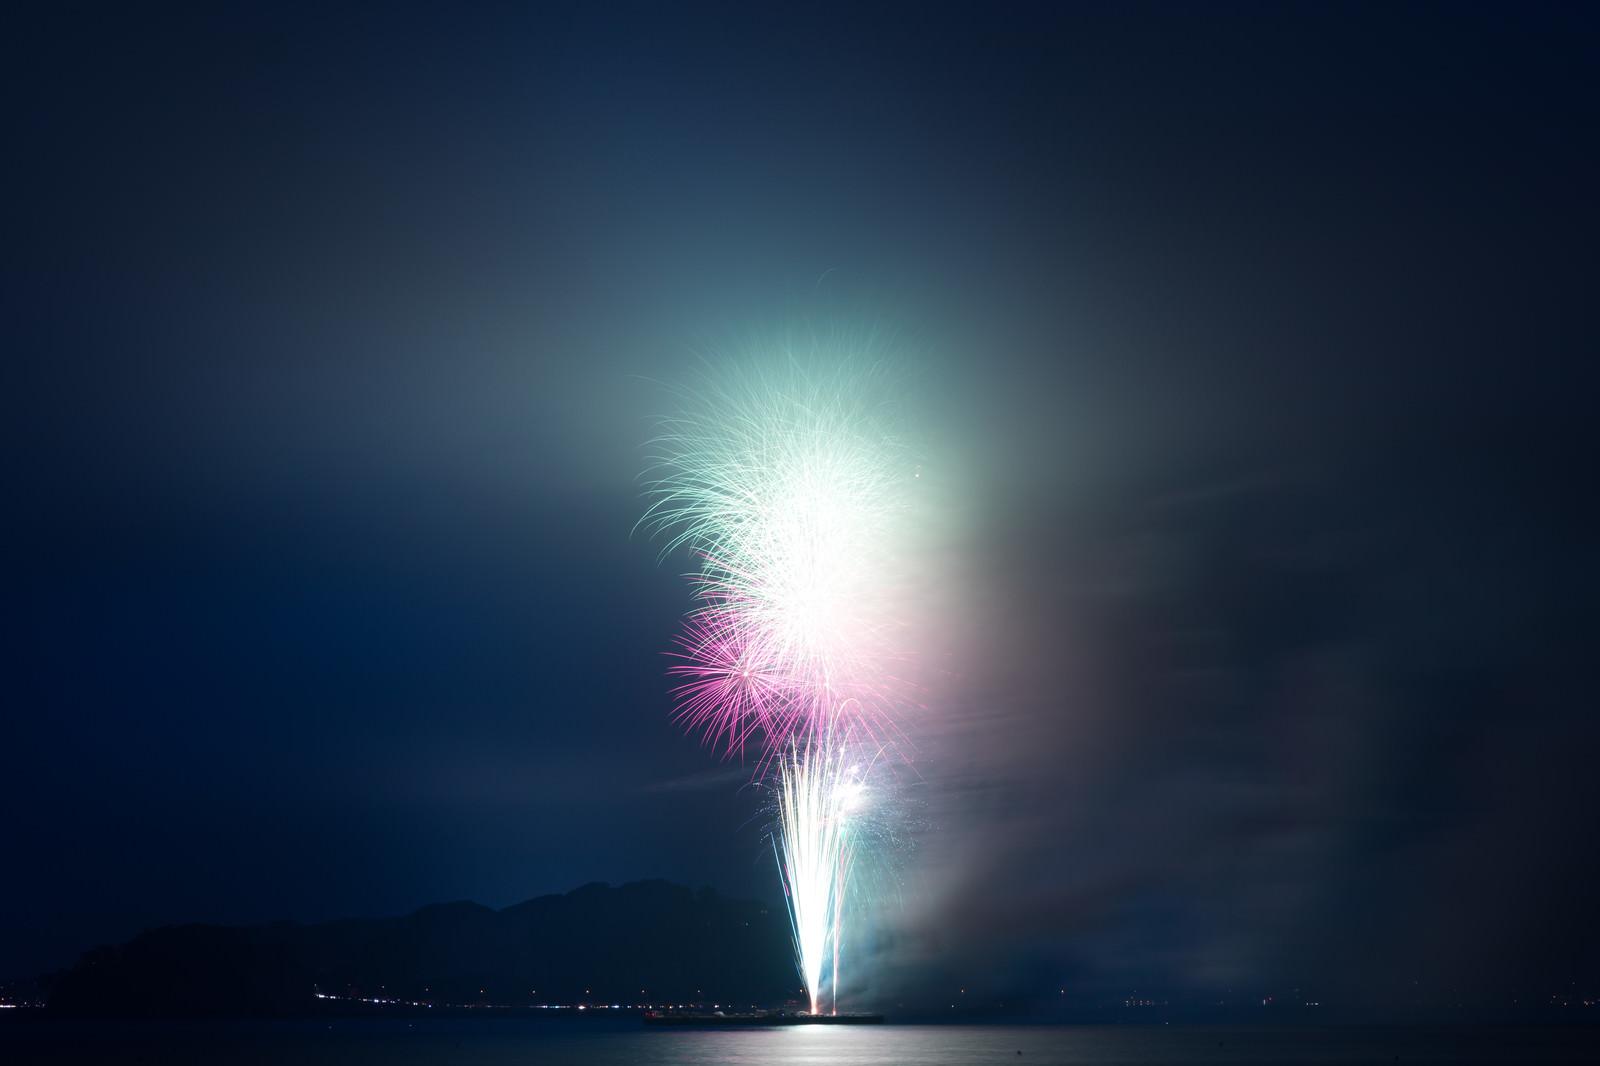 「煙で花火がほとんど見えない2018年鎌倉花火大会」の写真